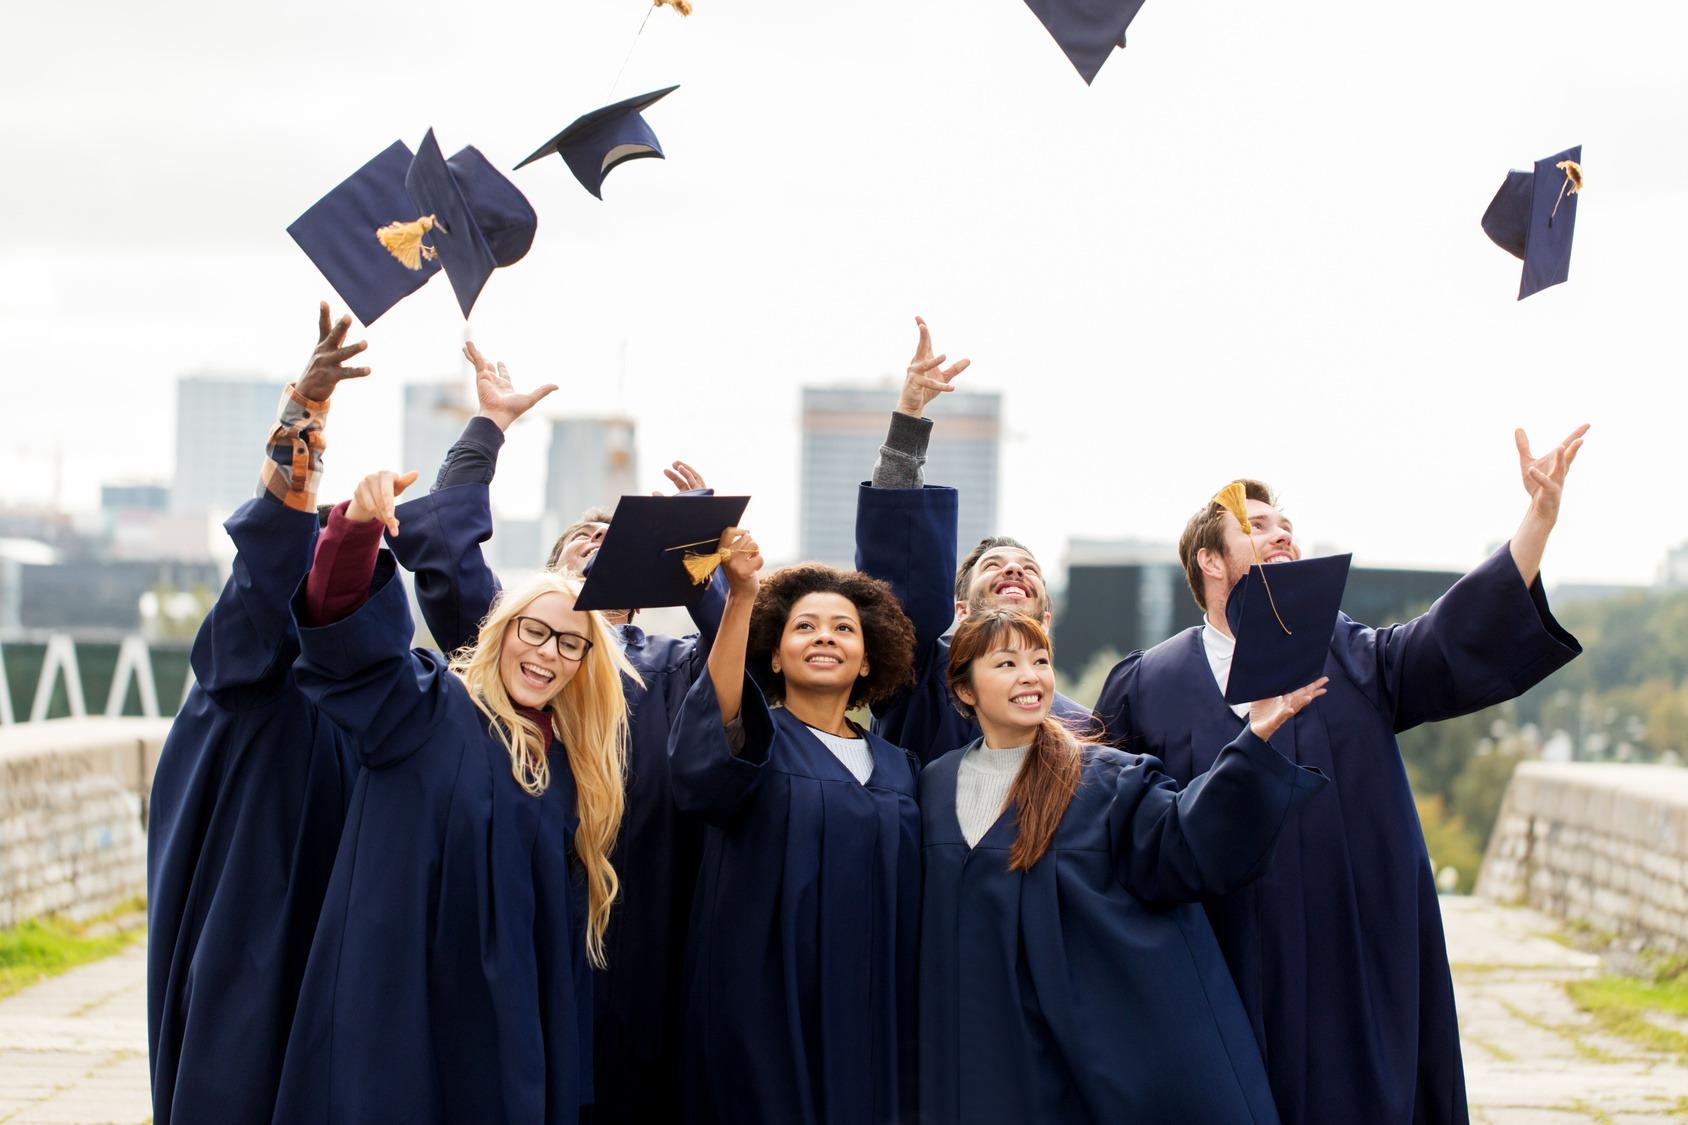 Eine Gruppe glücklicher Studenten im Talar. Sie werfen ihren Doktorhut in die Luft.